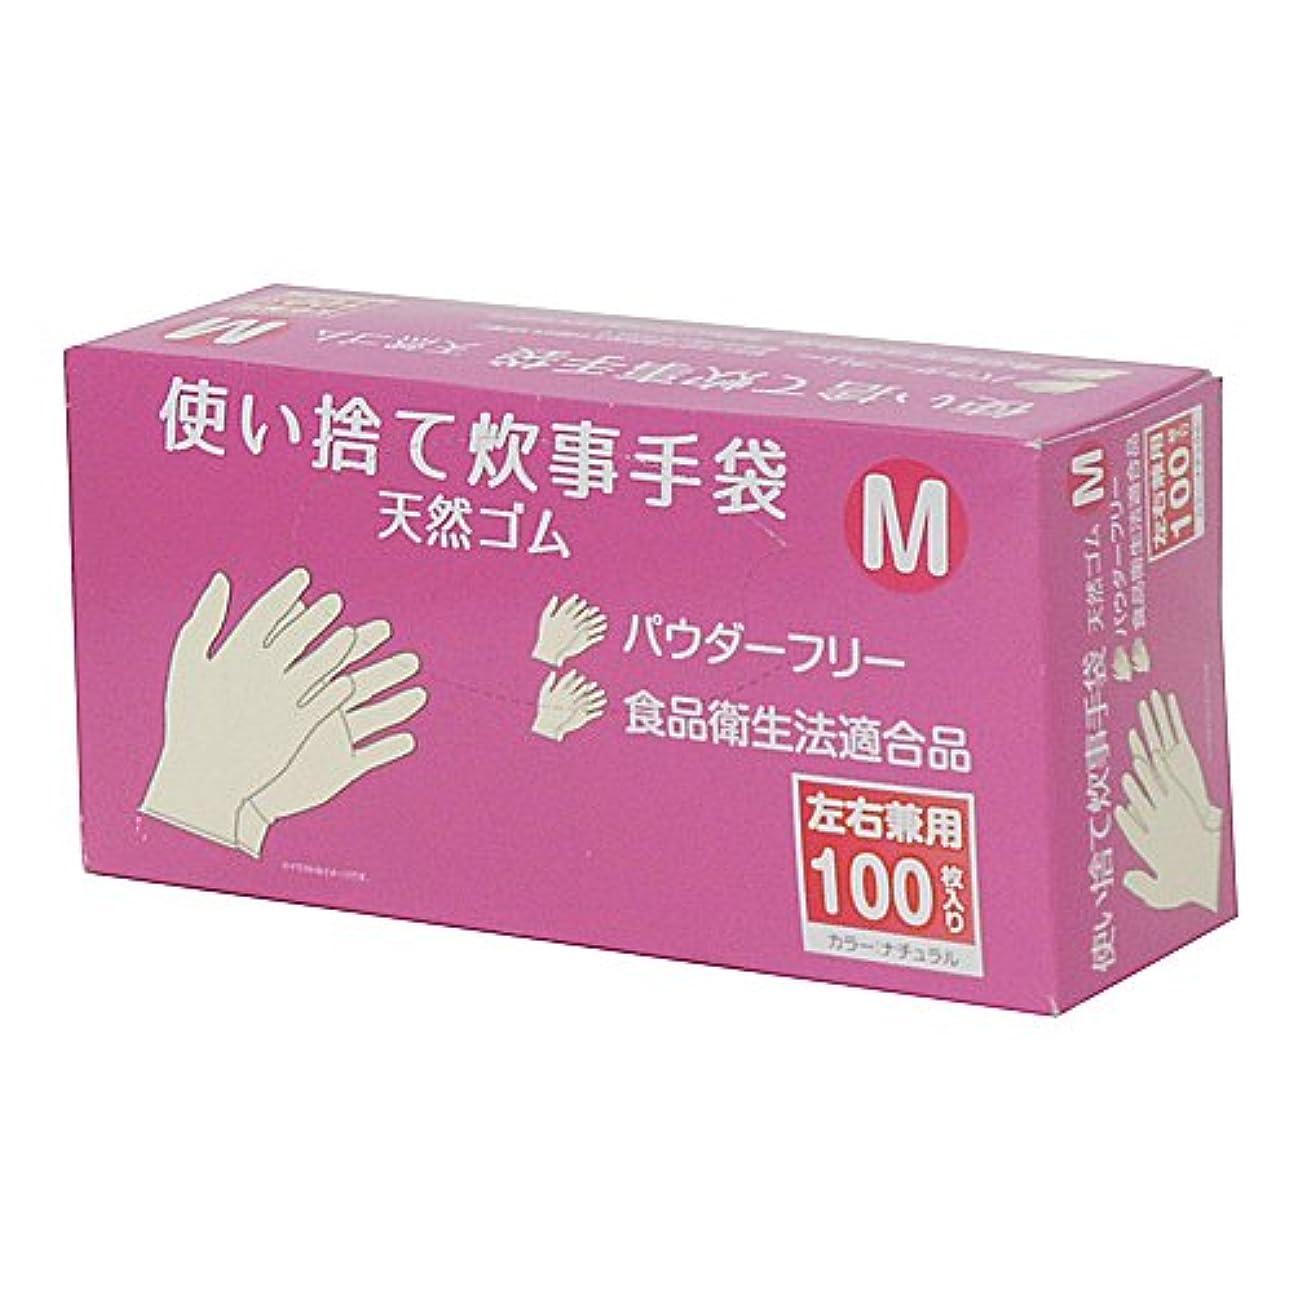 証明資金れるコーナンオリジナル 使い捨て 炊事手袋 天然ゴム 100枚入り M KFY05-1128